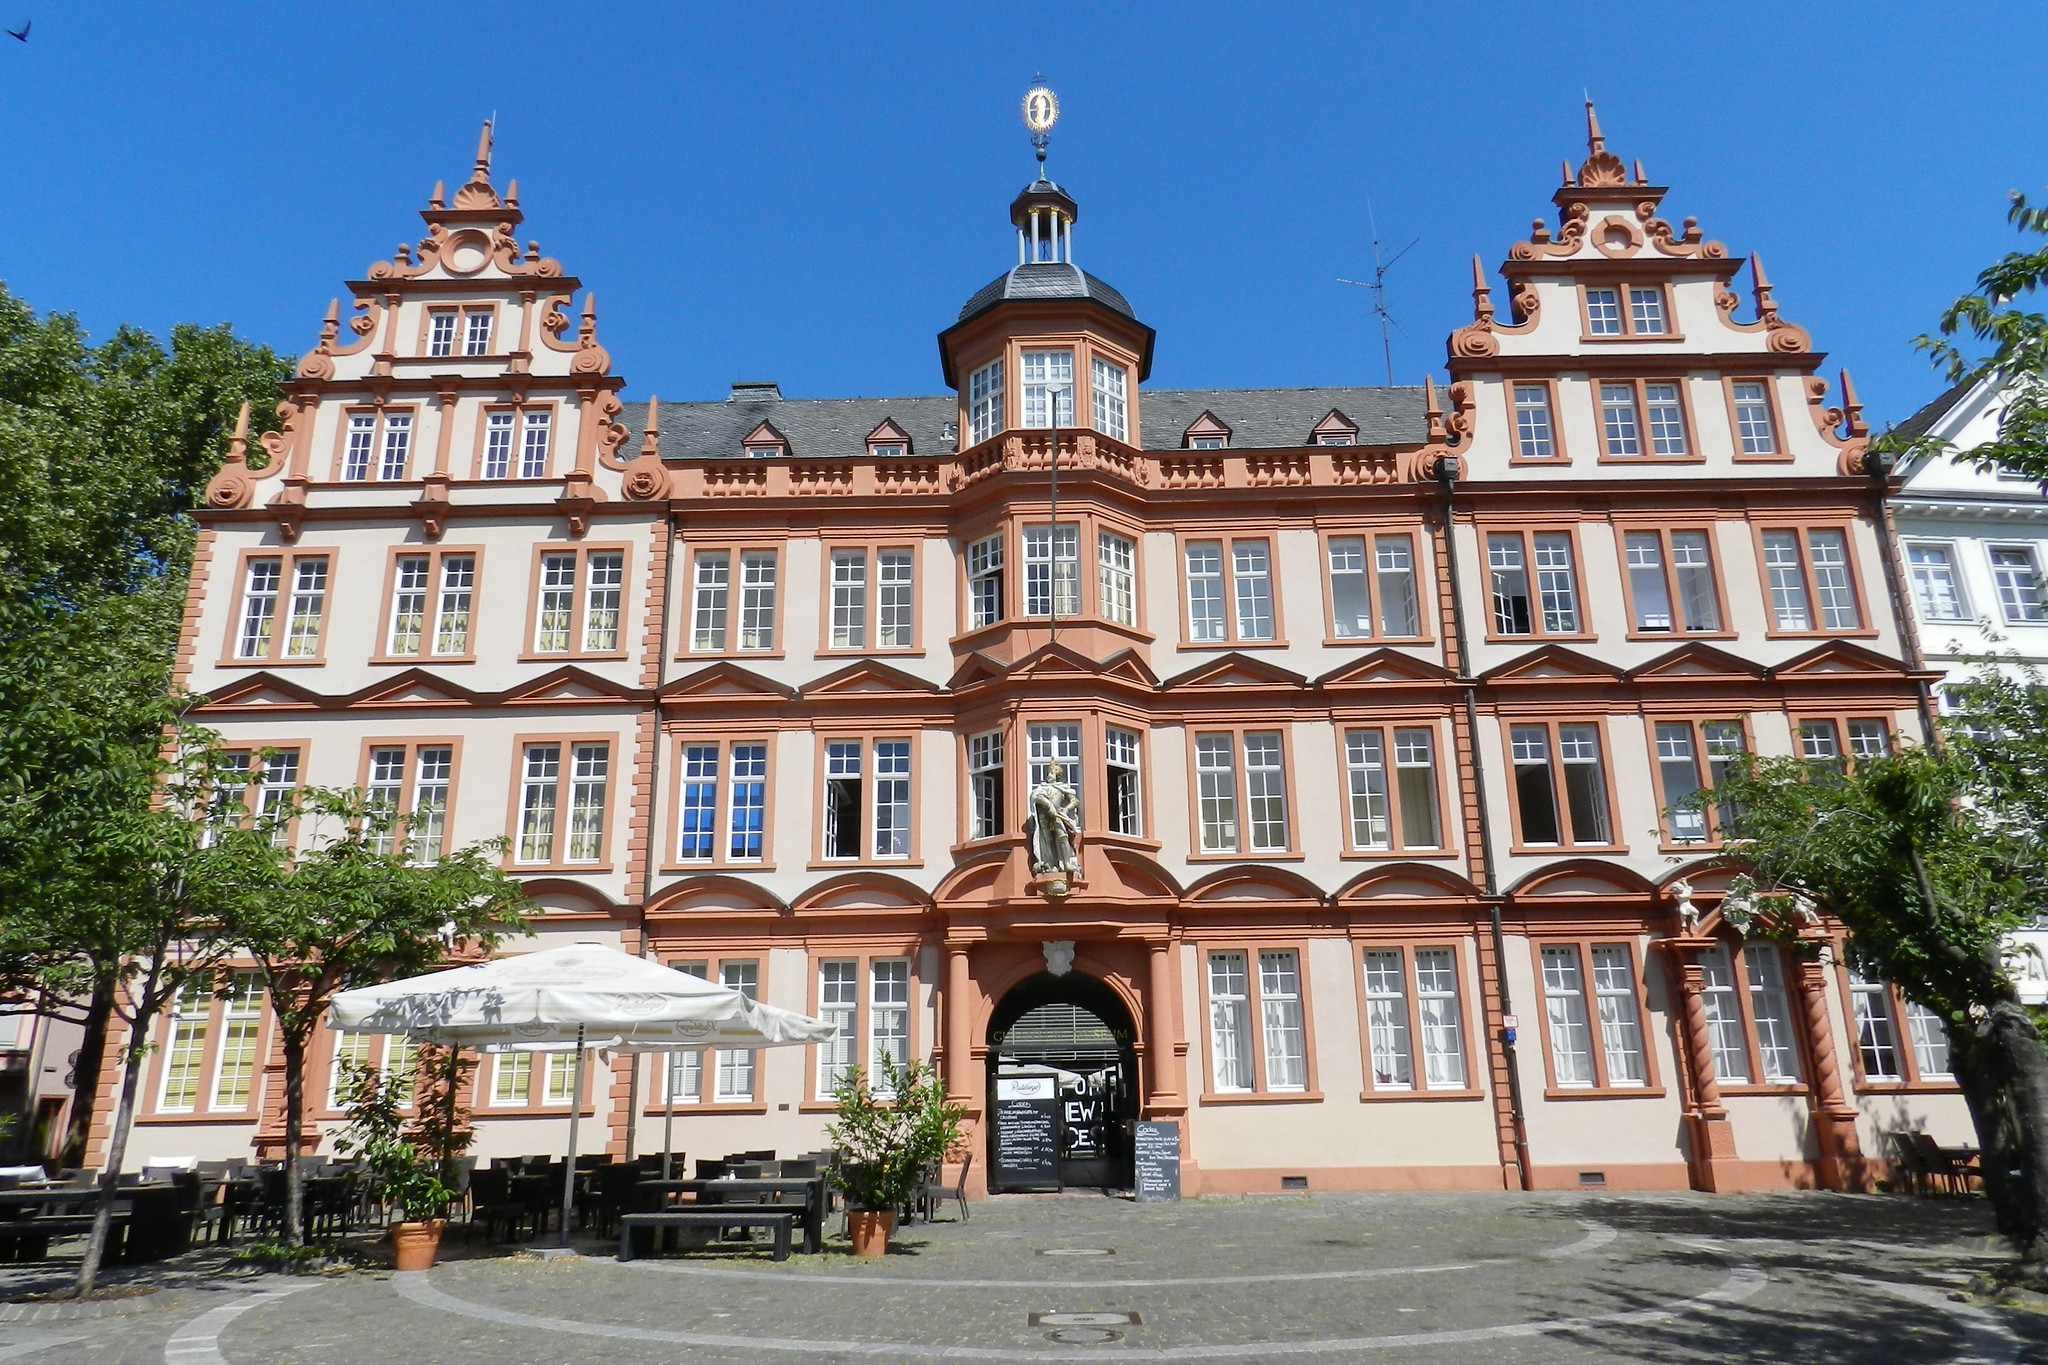 edificio Museo Gutenberg museum Mainz Maguncia Alemania